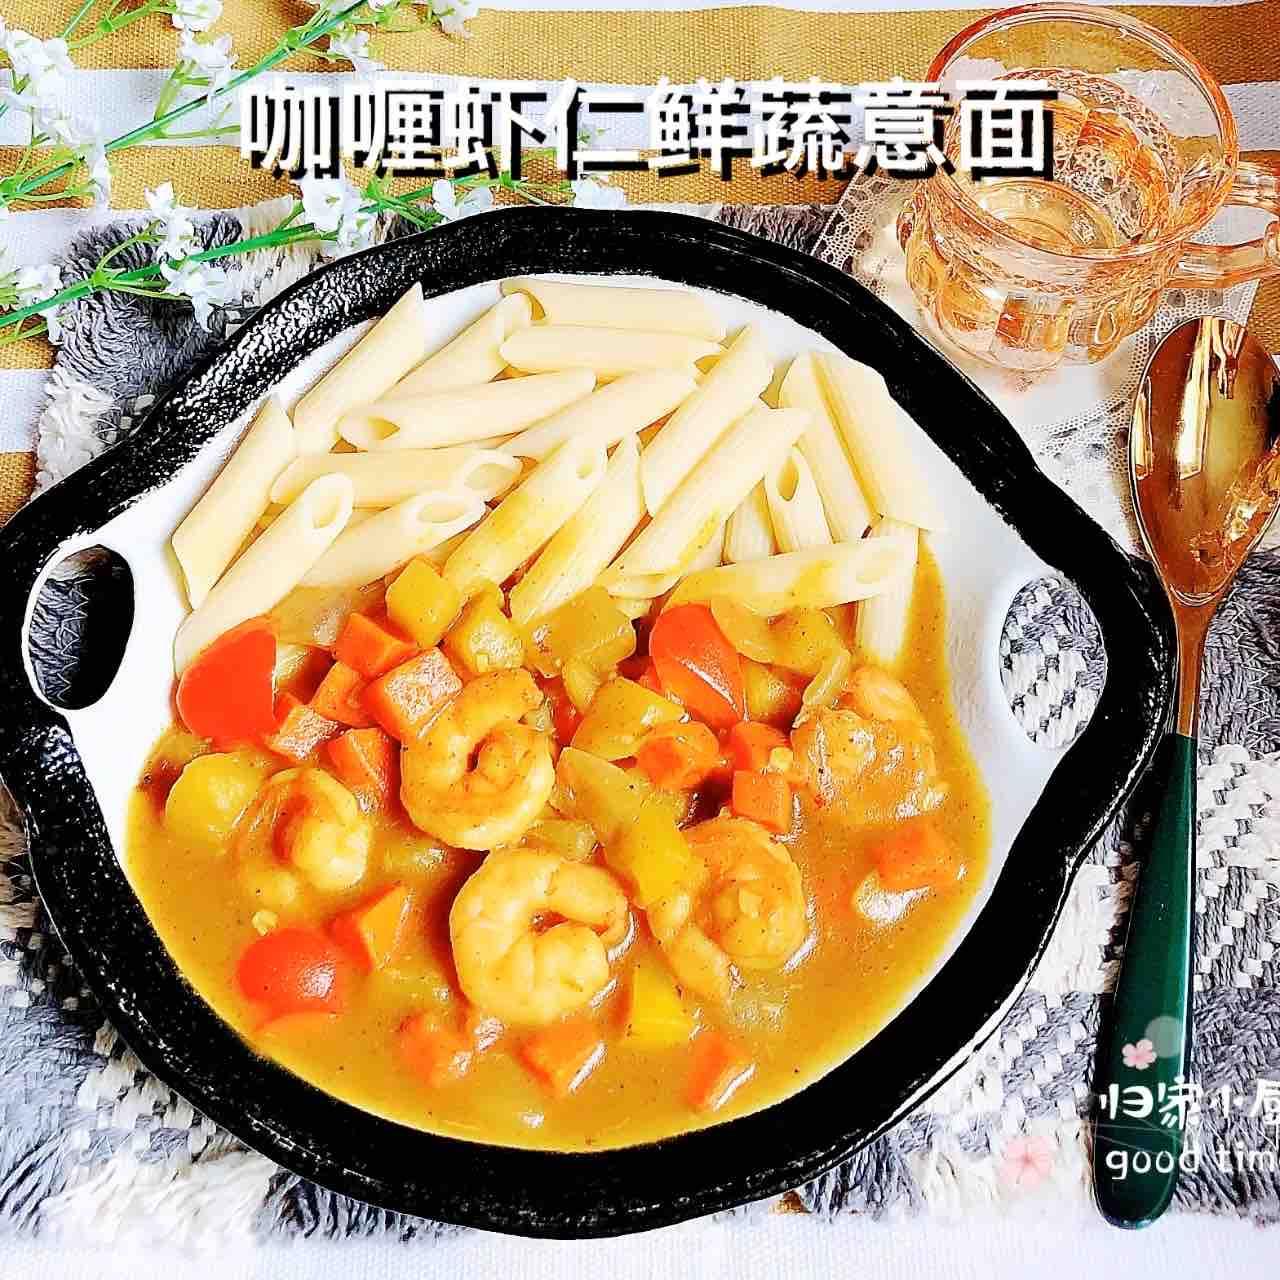 咖喱虾仁鲜蔬意面